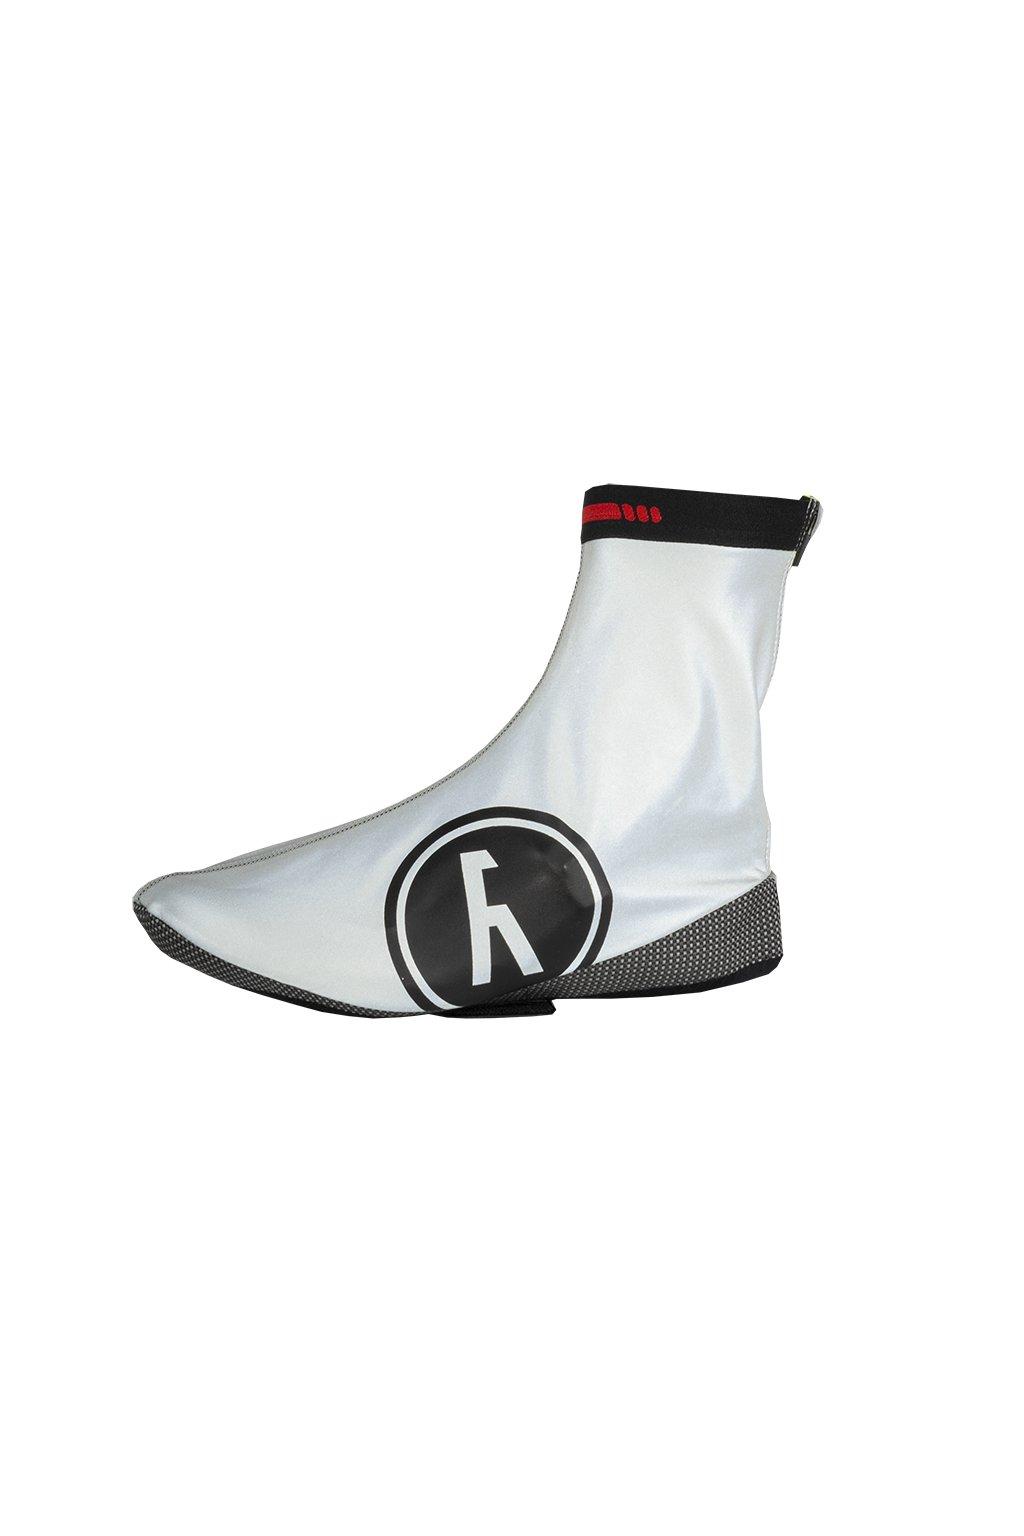 Shoe Cover ARCTIC FRONT REFLEX BIG